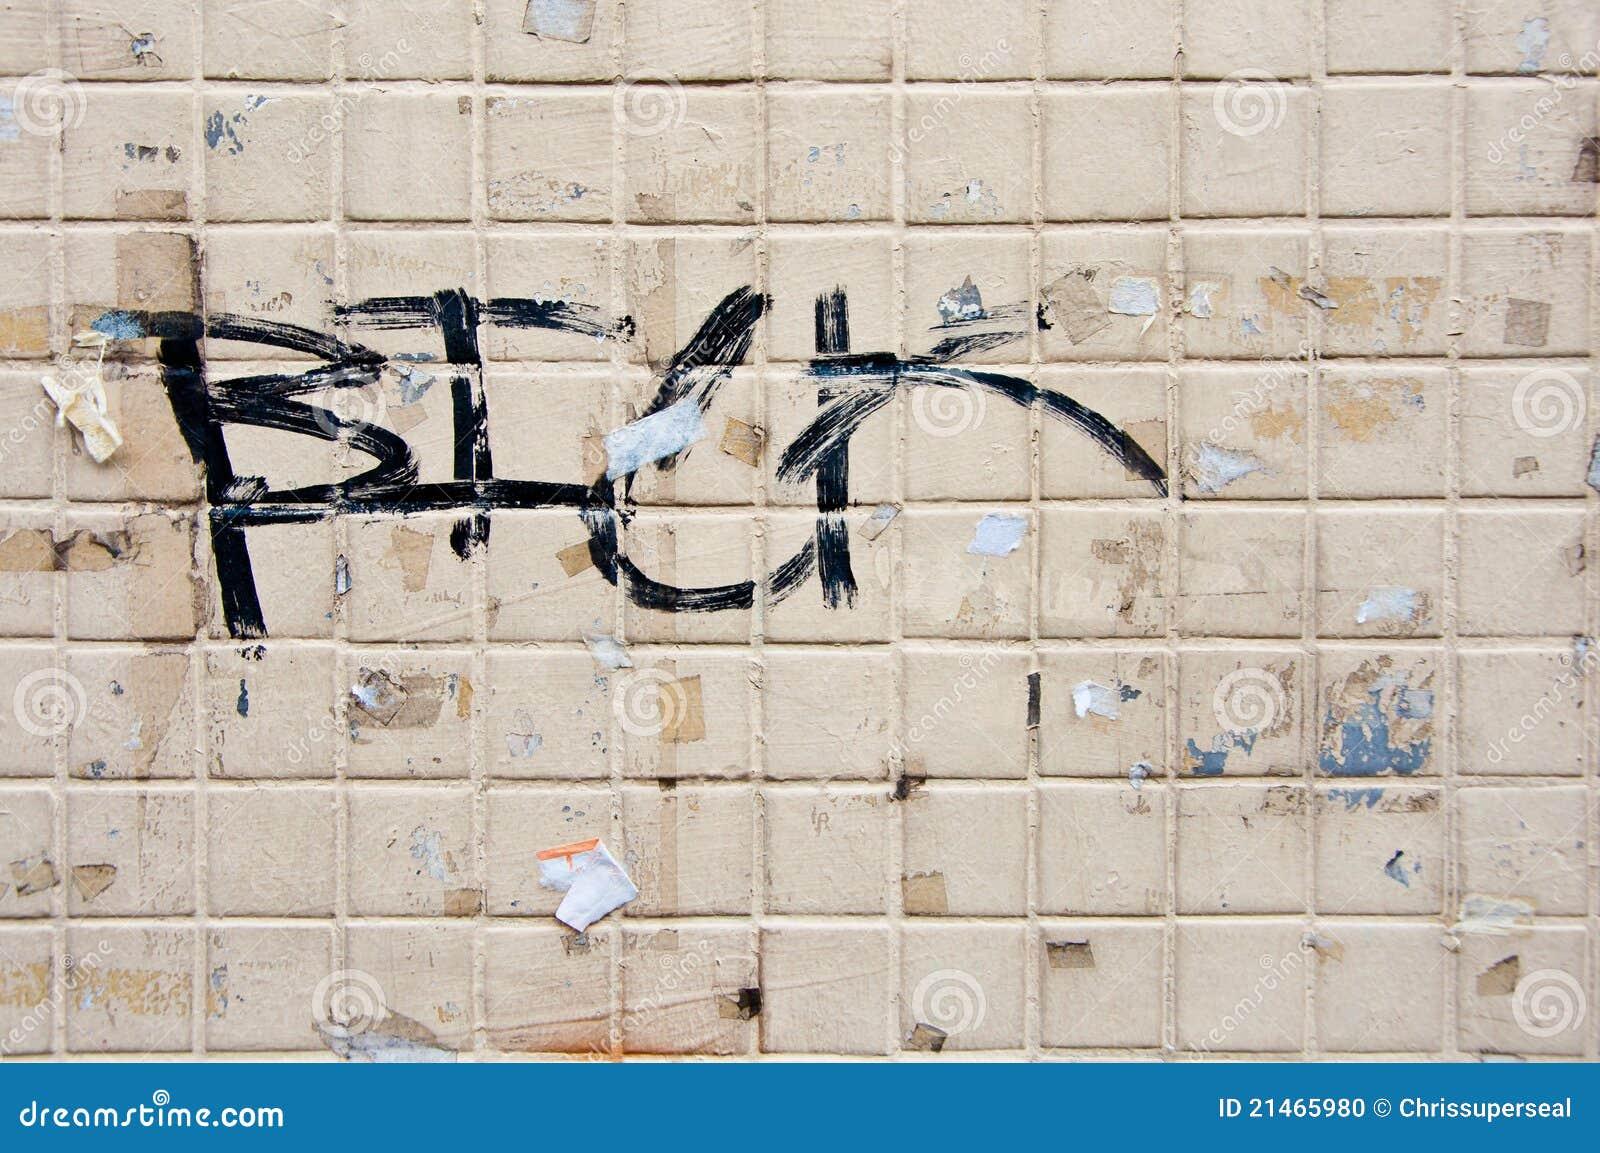 Graffiti wall tiles - Dirty Graffiti Grunge Old Wall